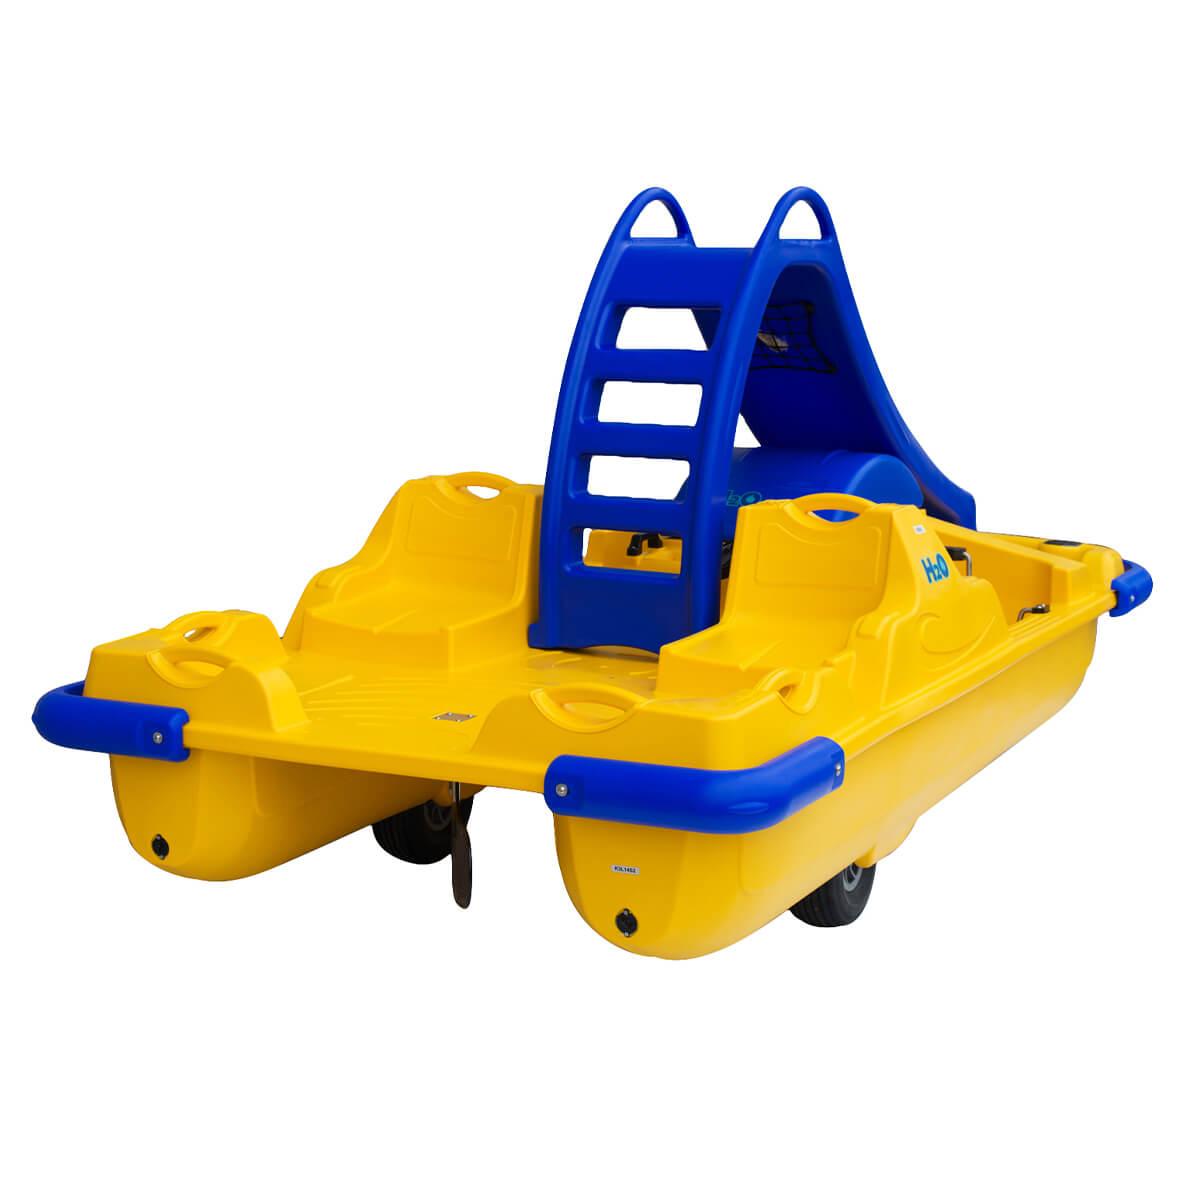 ho pedalo azzurro giallo per coppia con scivolo eurotank